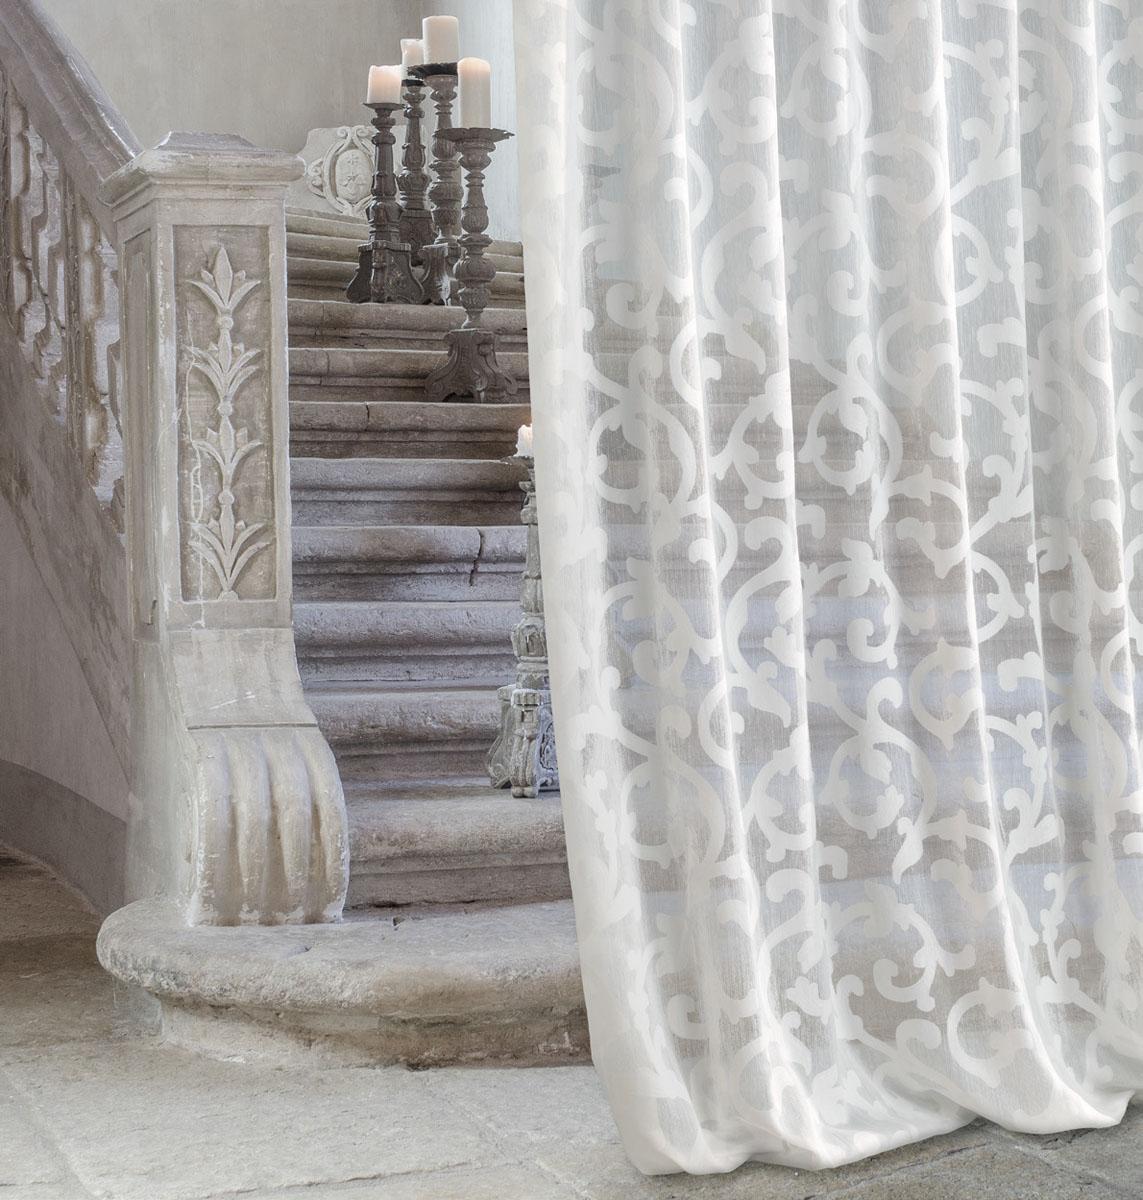 ciesse-tendaggi-collezione-home-articolo-Fly-ciesse-tendaggi-tessuti-verona-tendaggi-pregiati-tende-da-interno-tessuti-eleganti-tende-per-casa-classica-tende-su-misura-tessuti-design-arredo